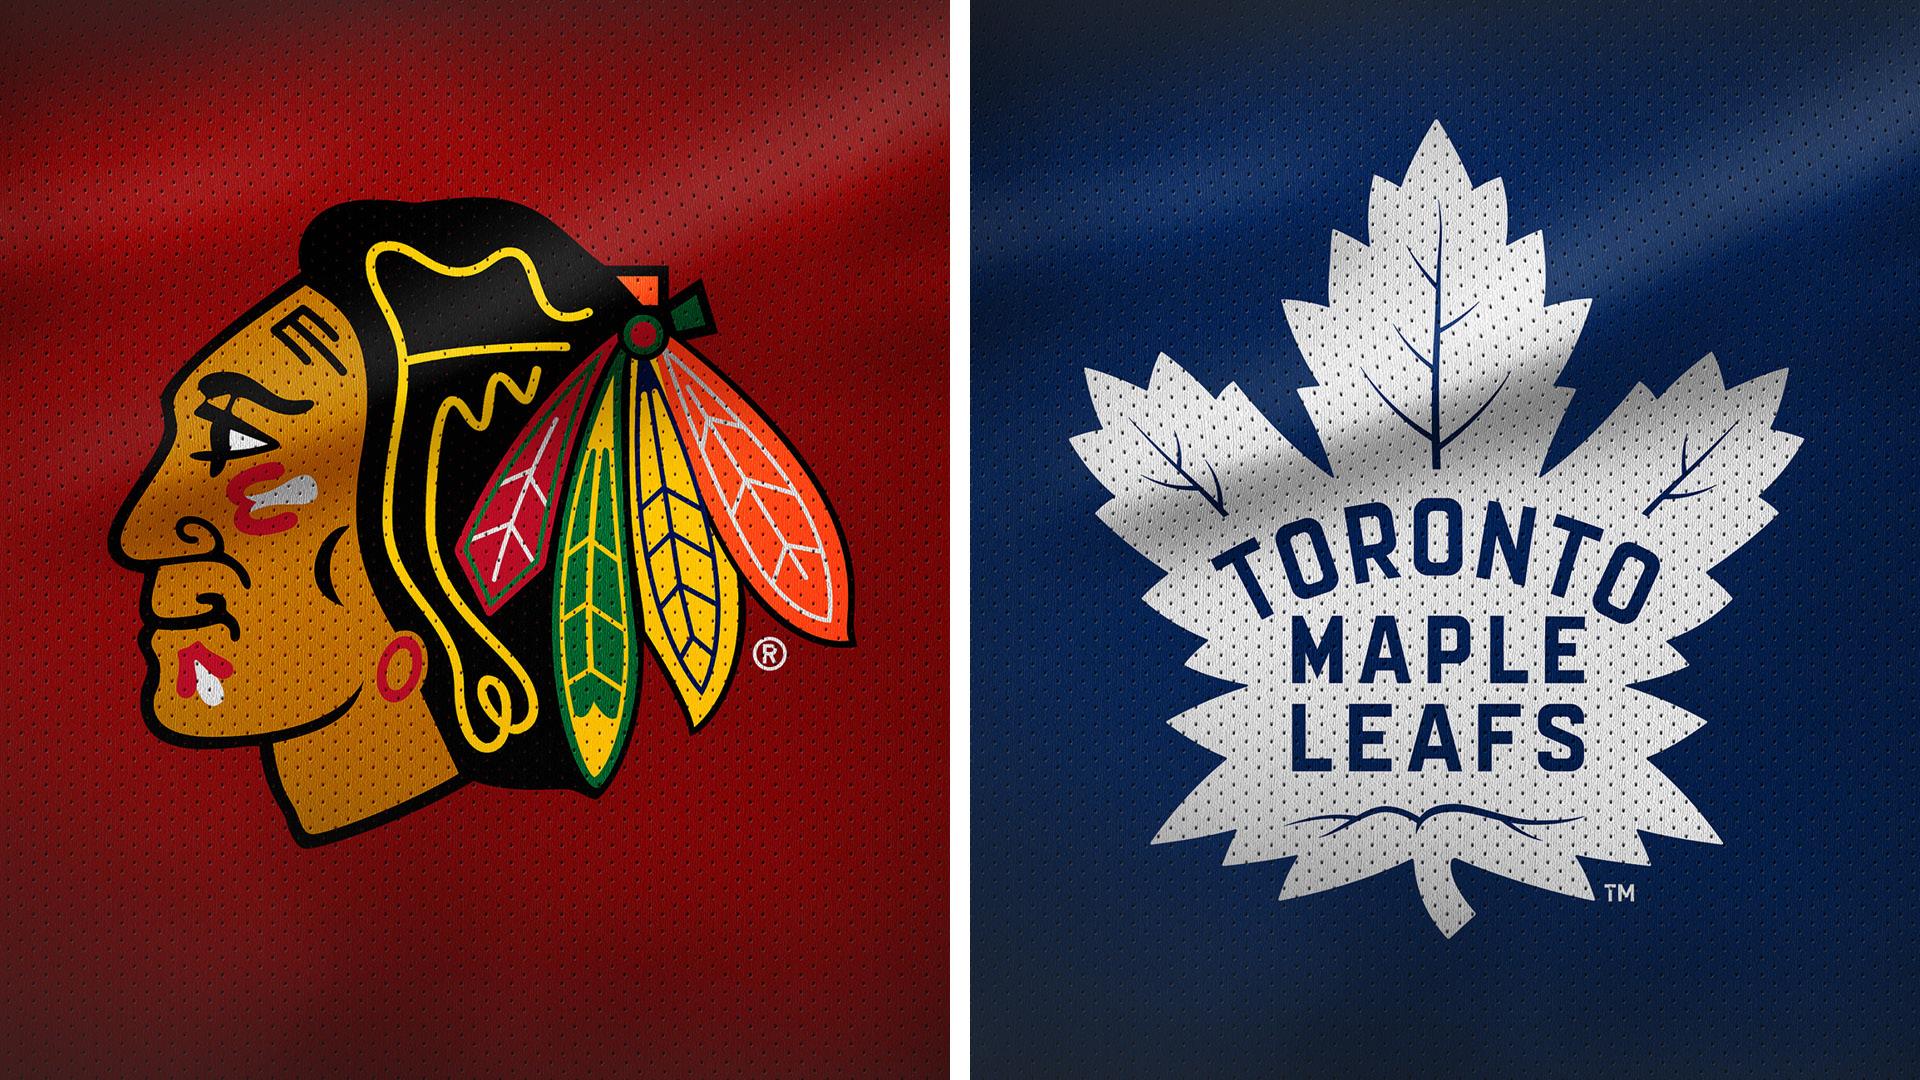 Rivalmöten - Klubbens största rivaler är med två andra av de ursprungliga klubbarna i NHL nämligen Chicago Blackhawks och Toronto Maple Leafs. Mötena med Chicago var under en längre tid ett av det hetaste mötena i Central Division men har mattats något med åren. Colorado Avalanche är en annan av klubbens rivaler, men betydligt yngre än de två andra.